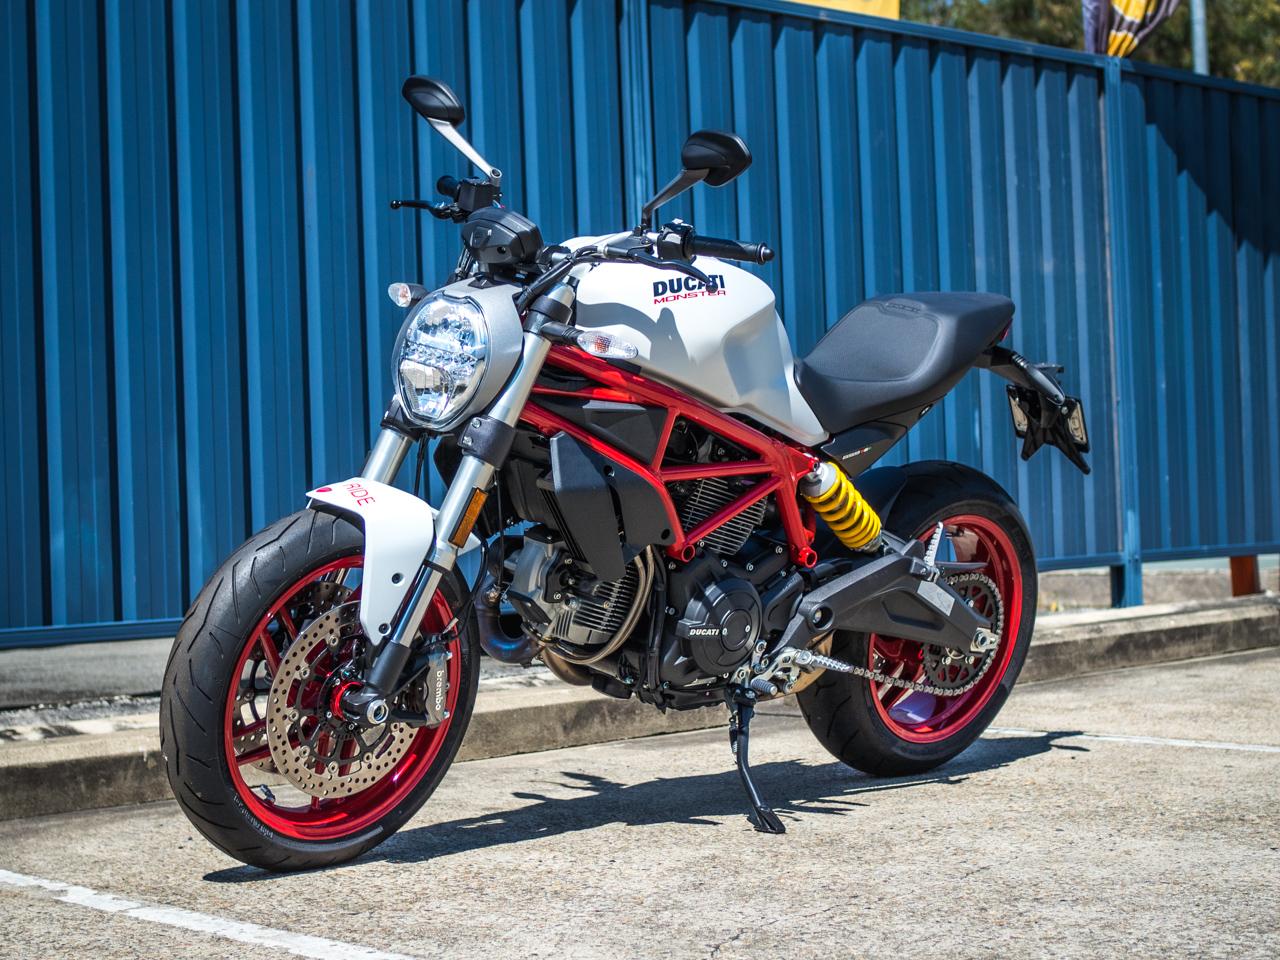 Ducati Monster 659 2018 ⋆ Motorcycles R Us